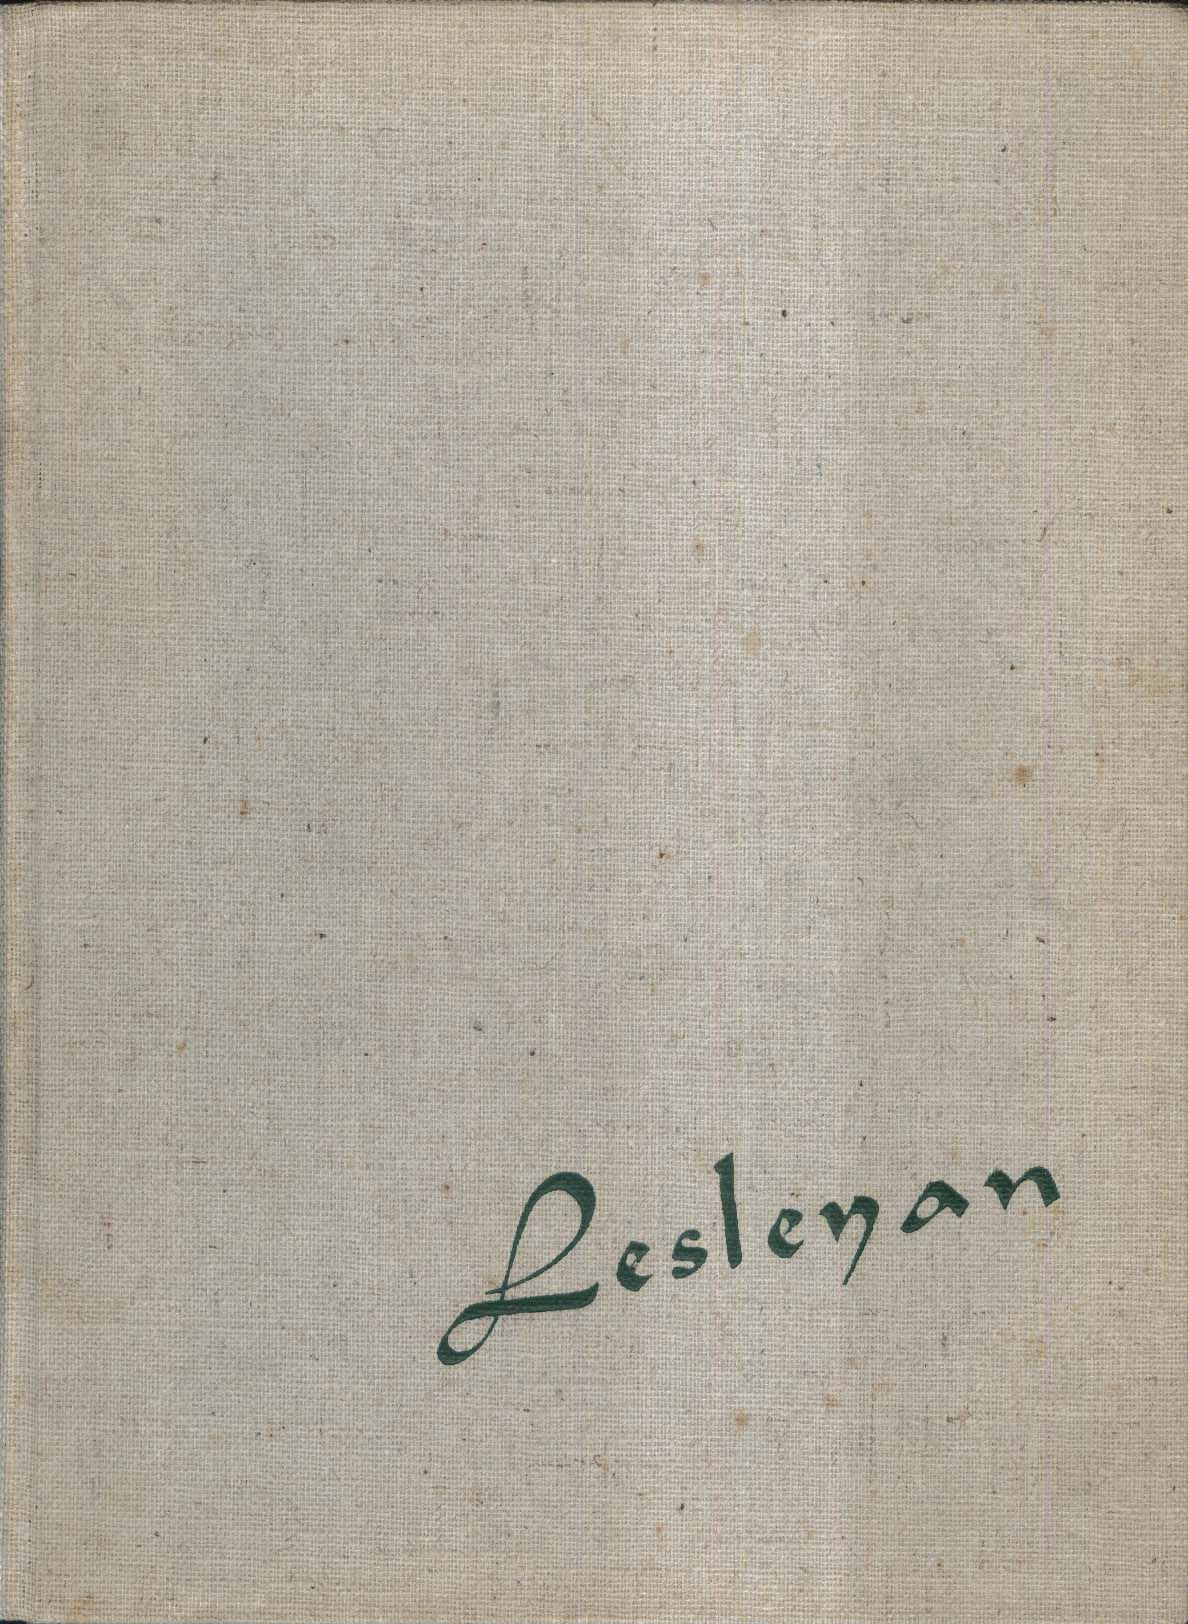 Lesleyan 1942 Lesley School Cambridge Massachusetts MA Yearbook